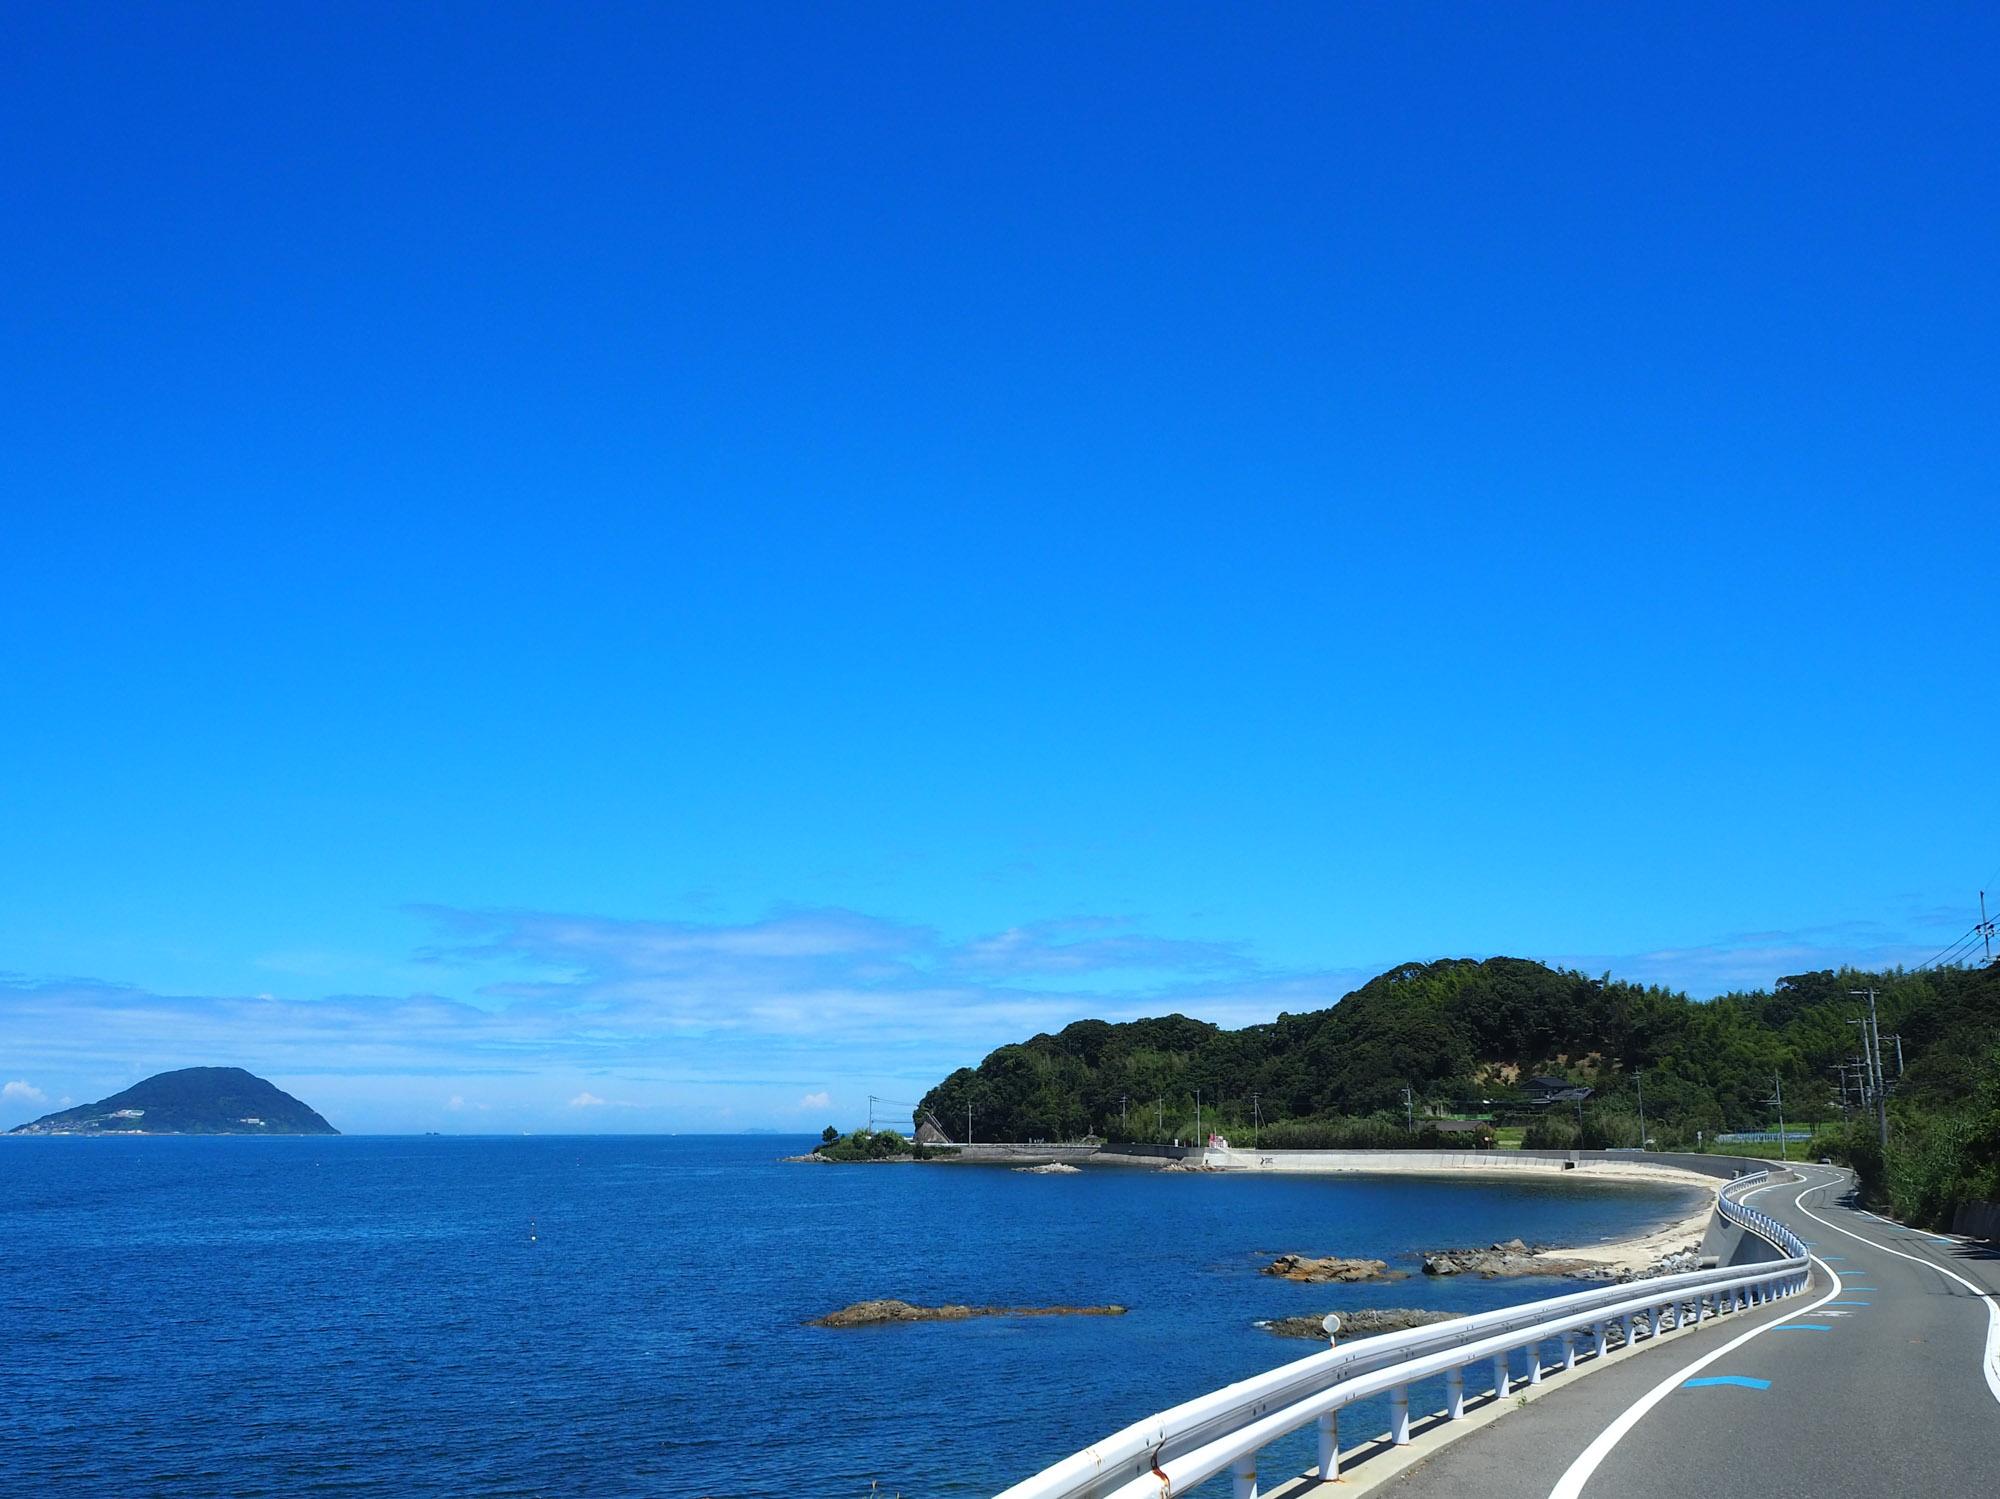 自転車で島を一周!福岡で夏を楽しむ「志賀島」の絶景&おすすめスポットをまとめました